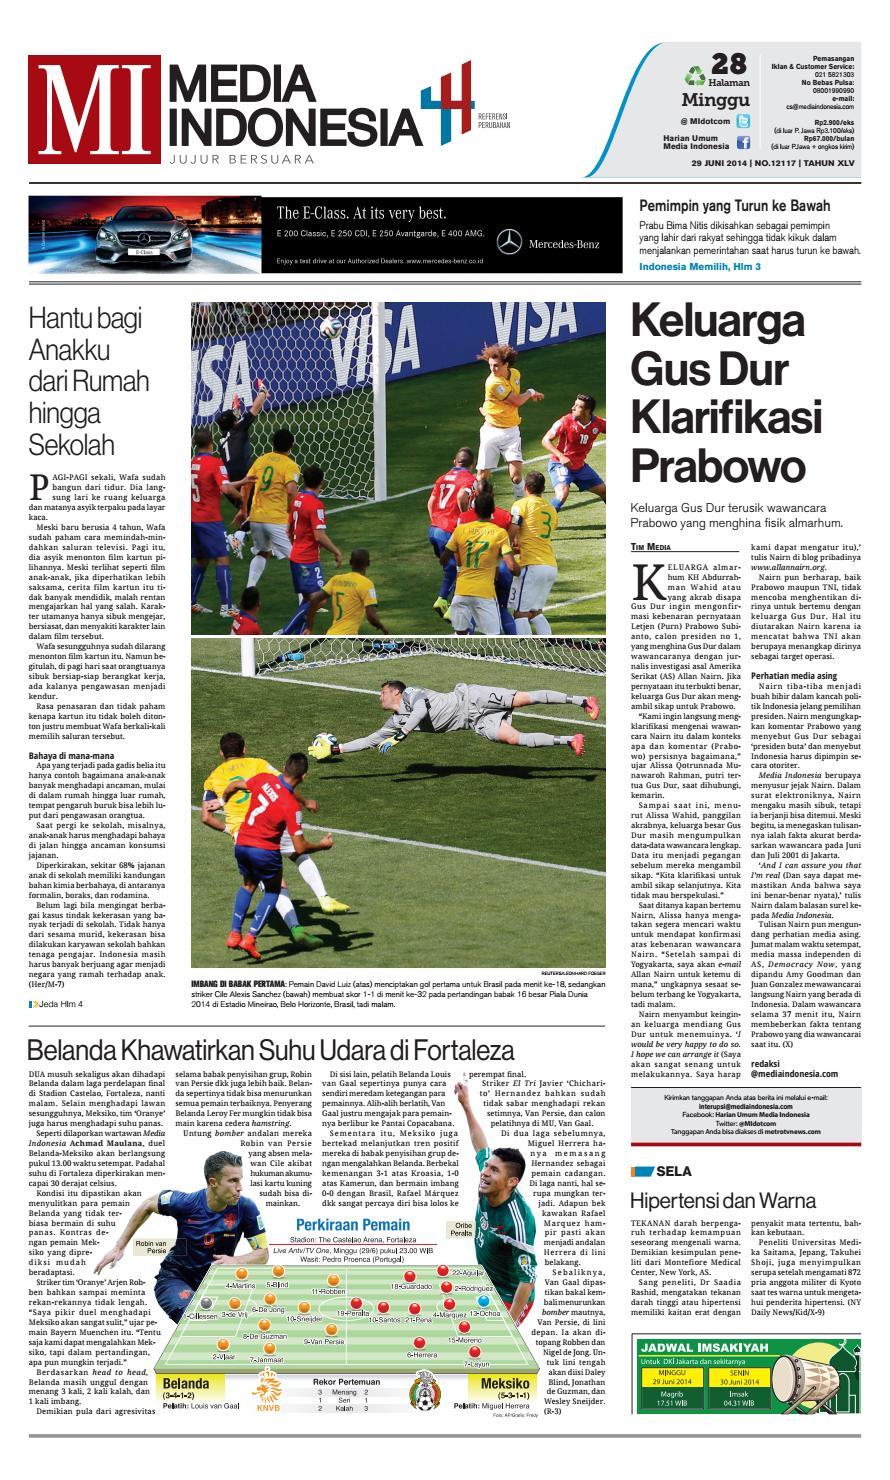 Media Indonesia 29 Juni 2014 By Mediaindonesia Issuu